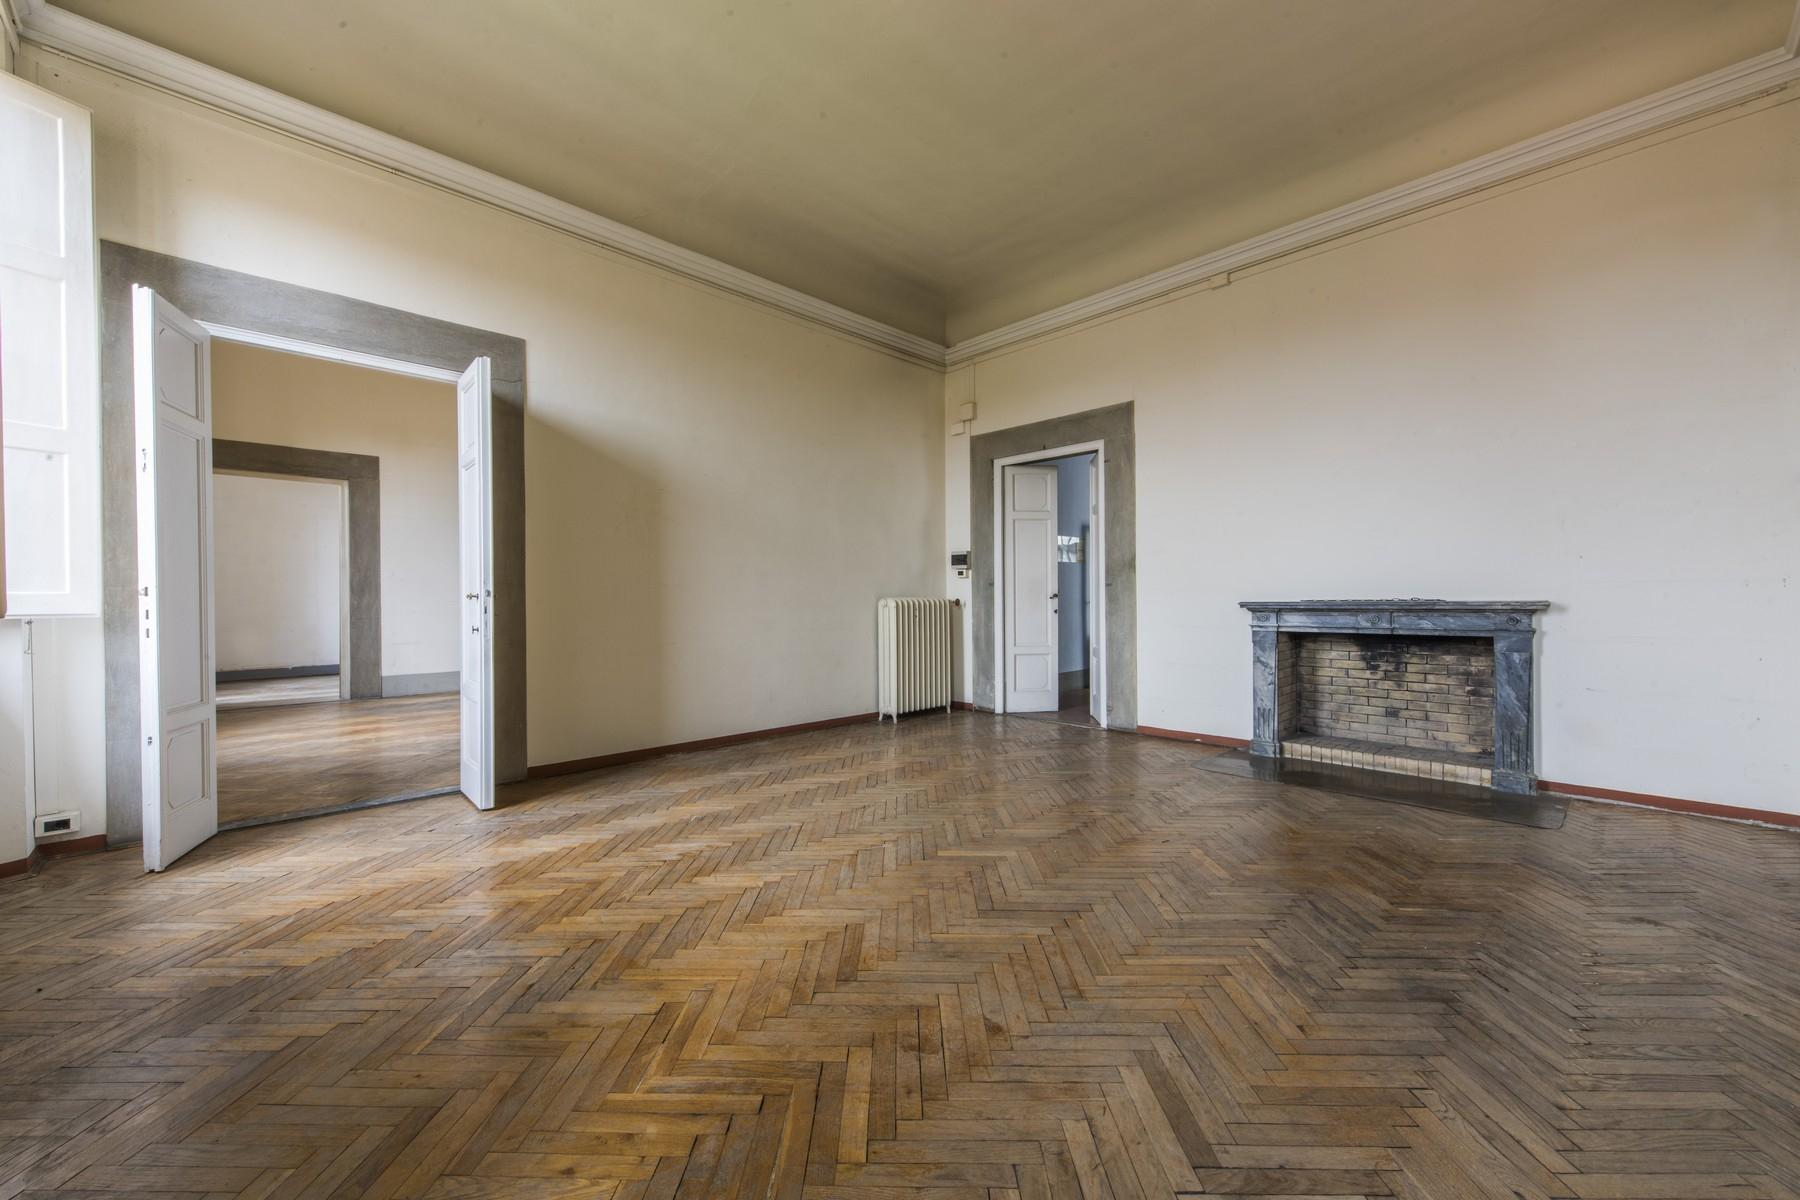 Великолепный пентхаус площадью 520 кв.м в историческом флорентийском палаццо - 5